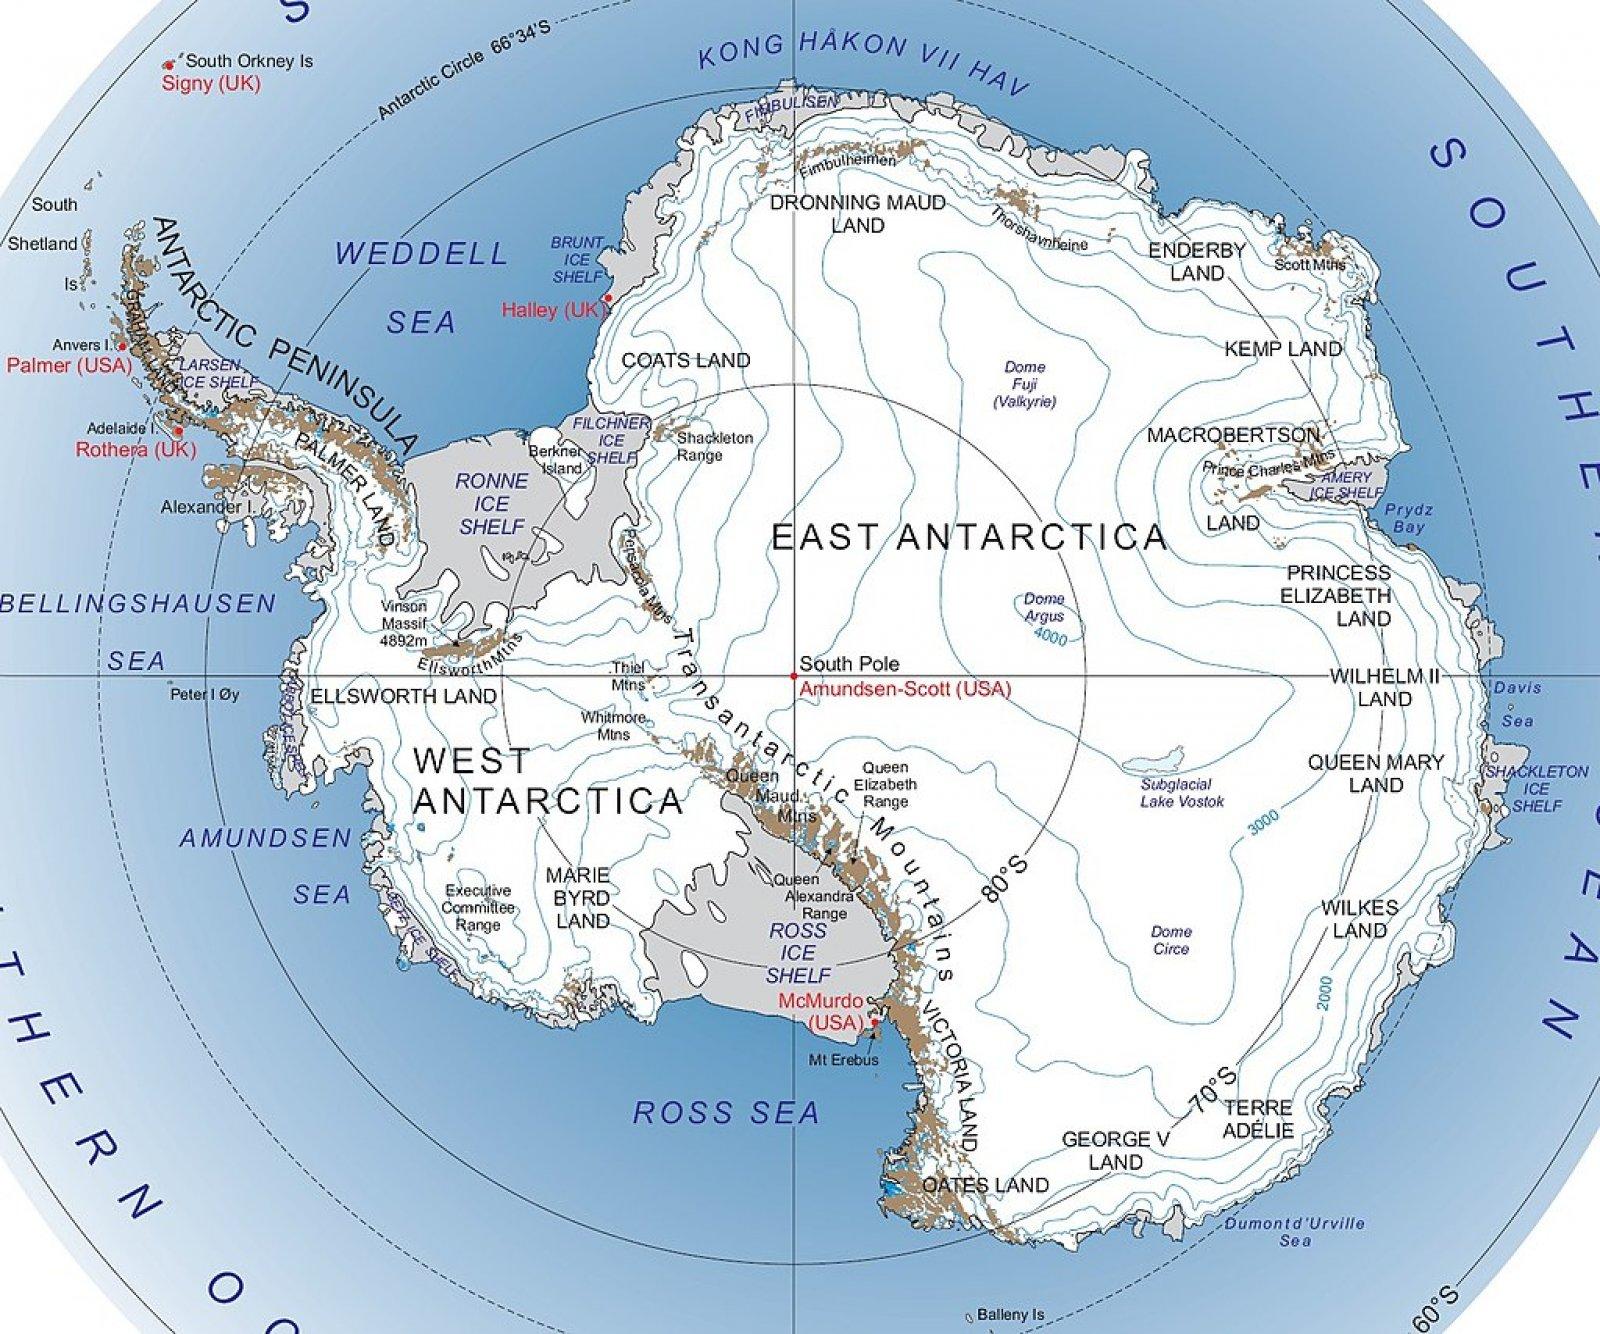 Mapa de l'Antàrtida